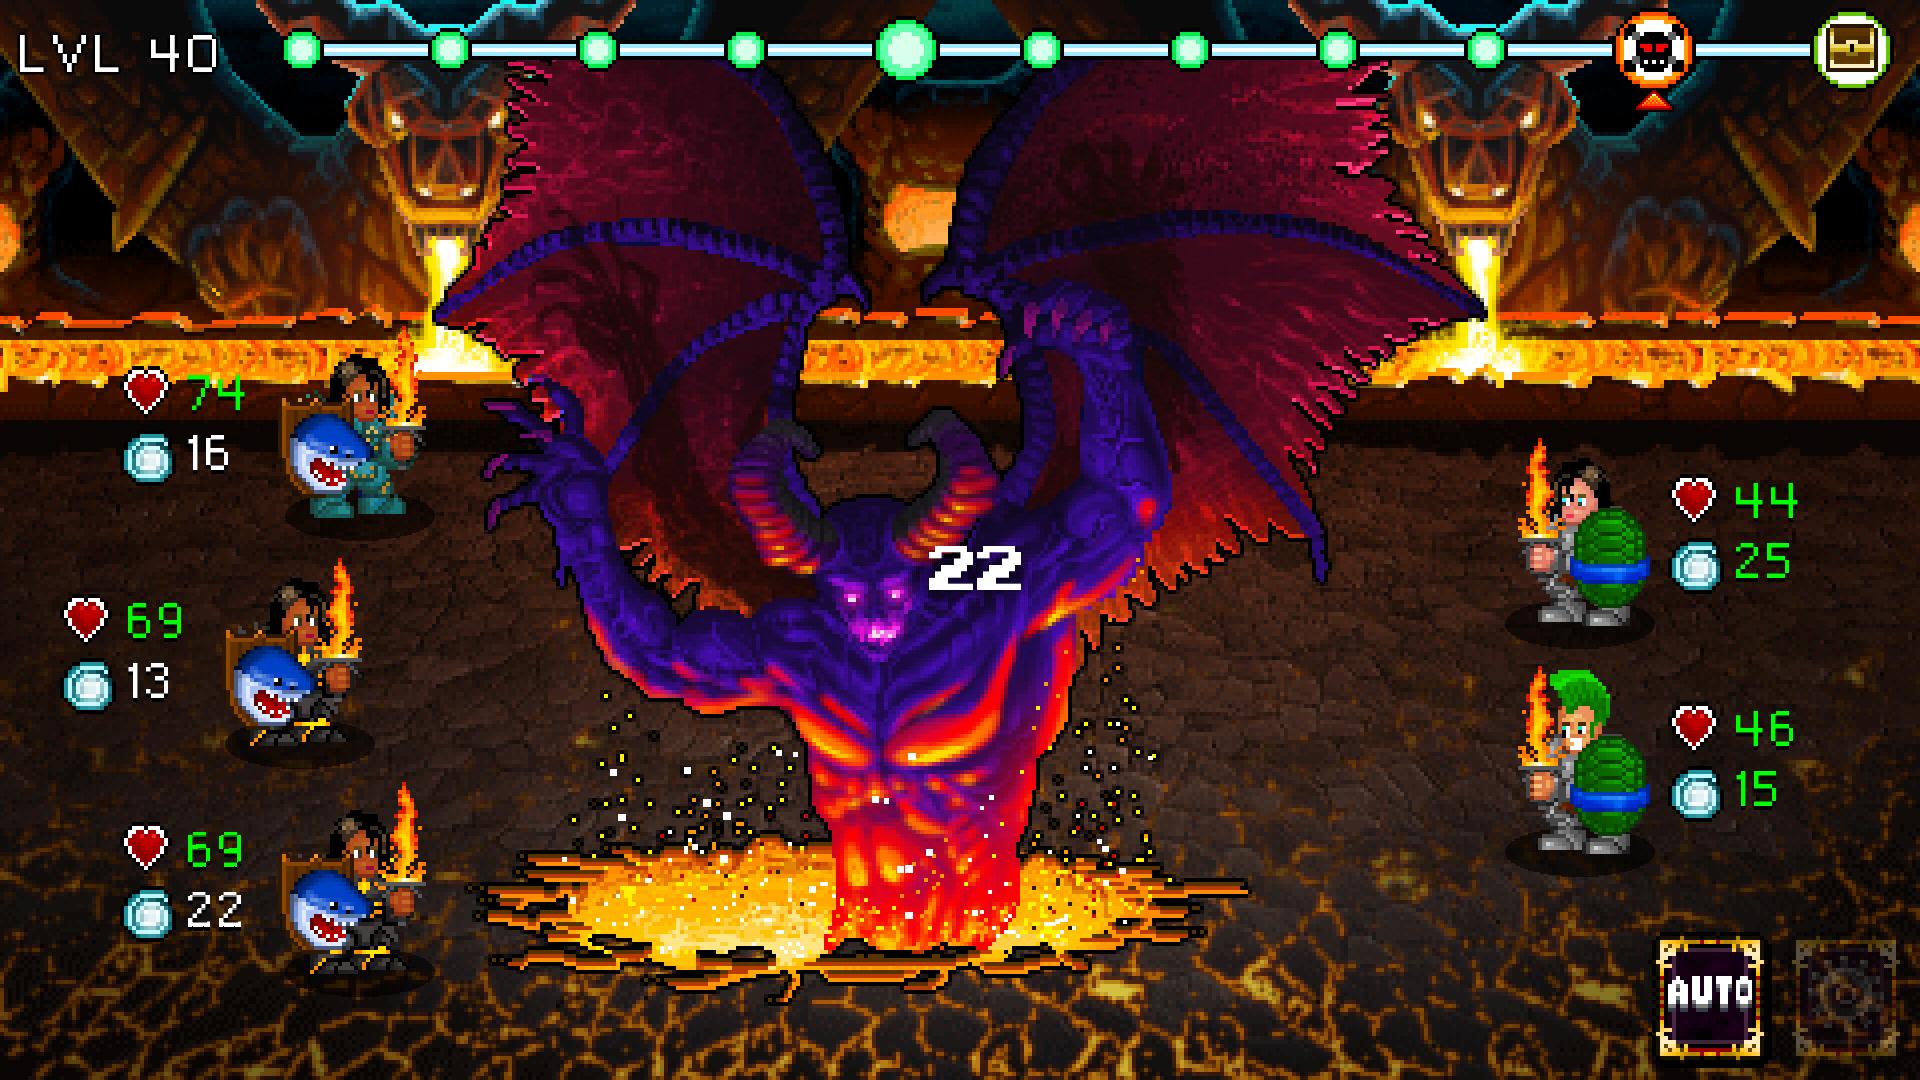 苏打地牢 Soda Dungeon:这个地牢RPG游戏,烧掉了我手机的所有电量!